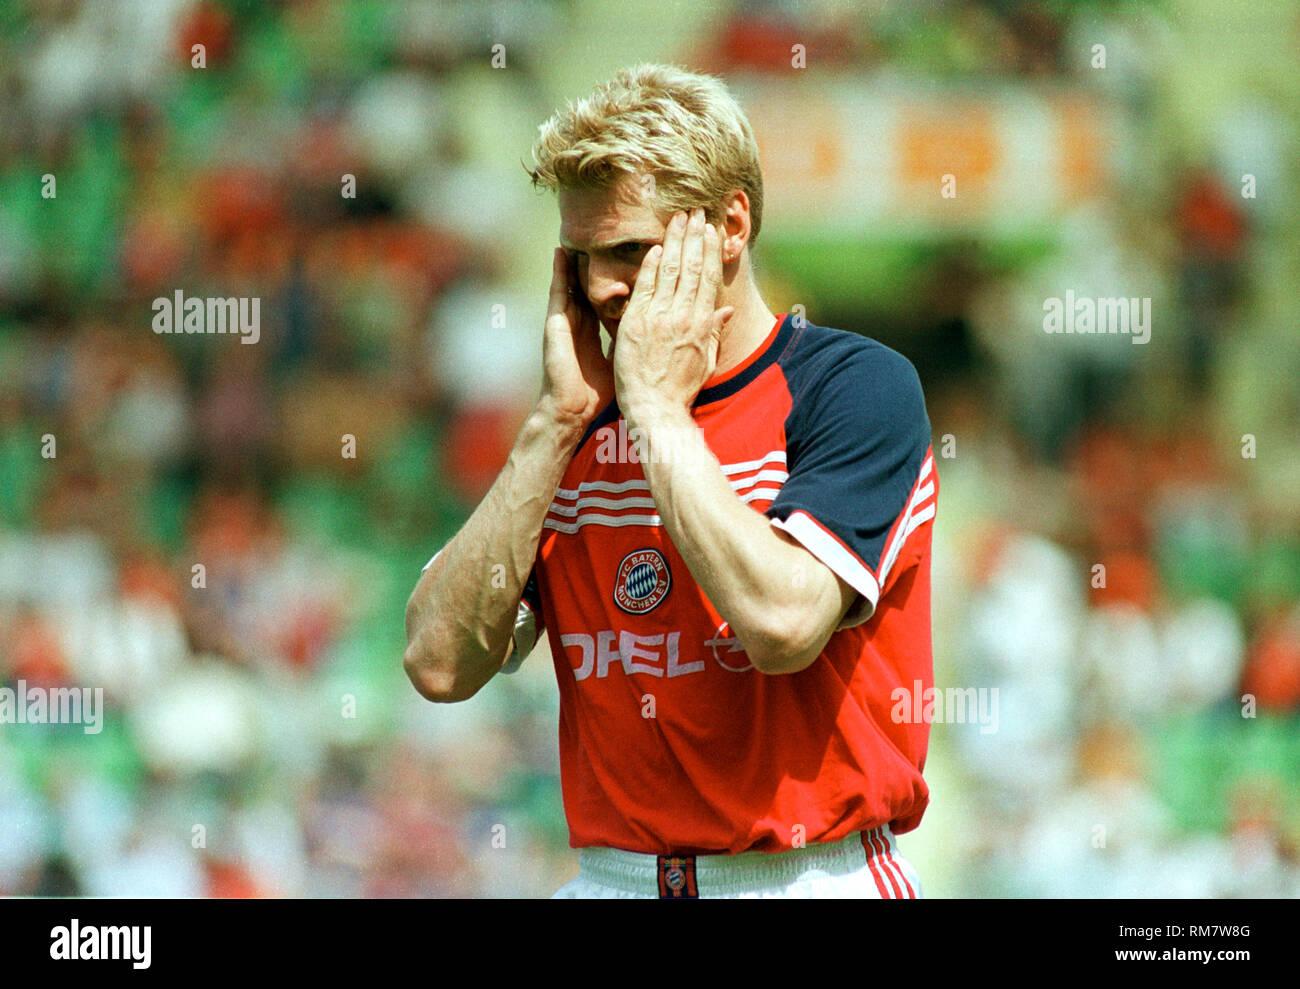 BayArenaLeverkusen 29.5.1999, 1. Fussball Bundesliga Saison 1998/1999 34.Spieltag,  Bayer 04 Leverkusen vs FC Bayern MŸnchen (Munchen, Muenchen) ---Stefan Effenberg, Bayern - Stock Image